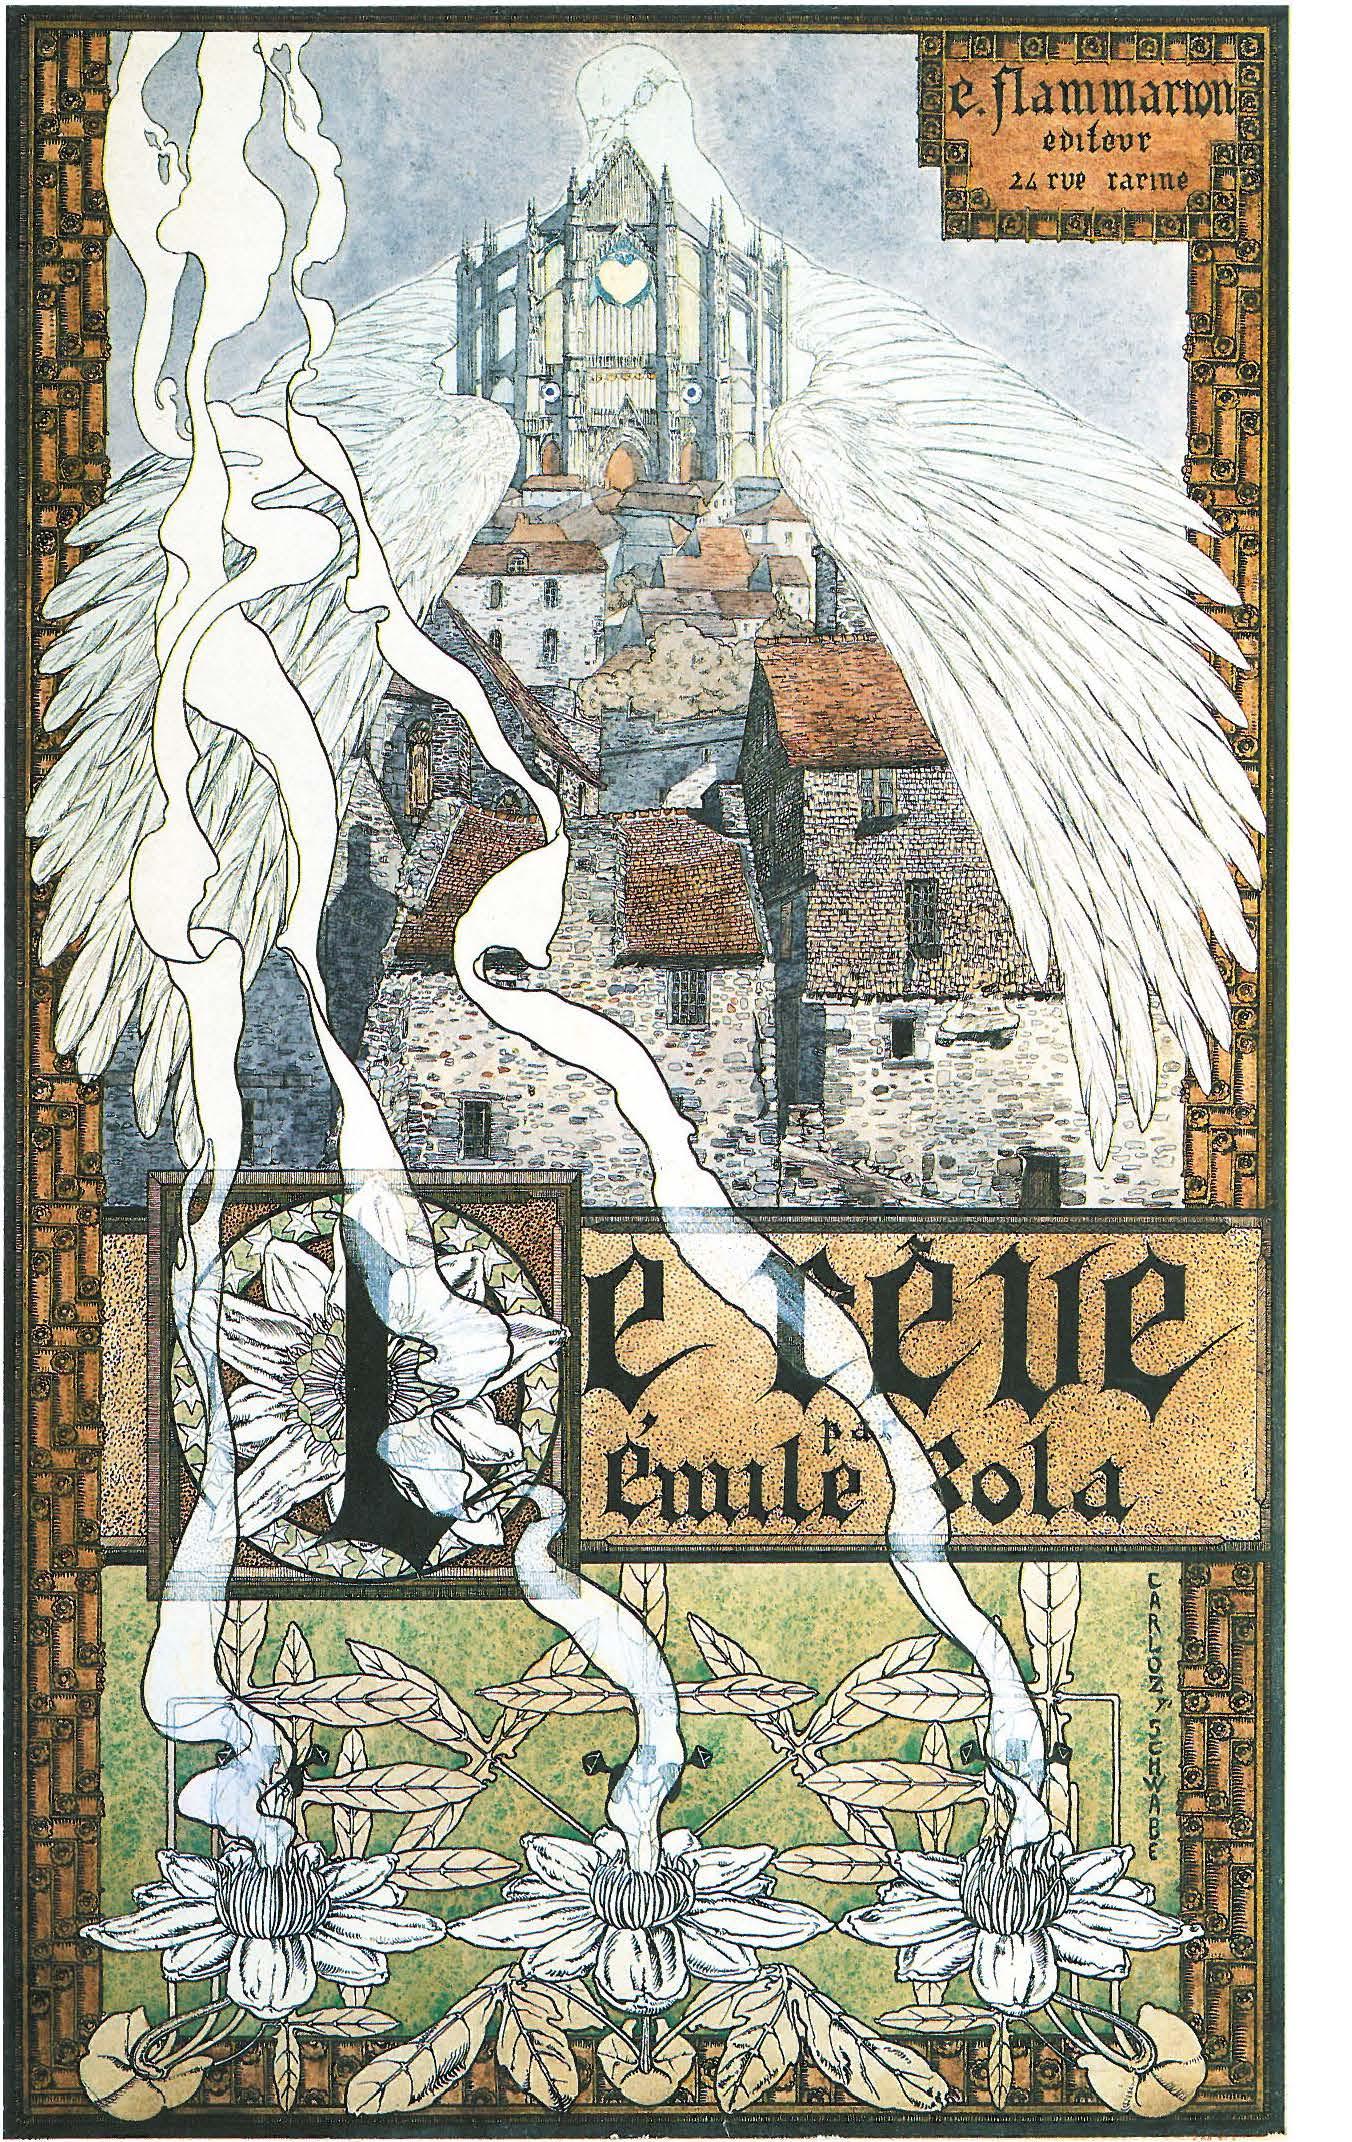 """Image - Couverture du <em>Rêve</em>"""" /></a></p> </div><h3>Commentaires</h3><p>Couverture du <em>Rêve, </em>aquarelle, plume, encre de Chine, rehauts de gouache et d'or sur carton. Selon J.-D. Jumeau-Lafond """"Véritable synthèse du roman de Zola, cette page allie la minutie d'exécution d'inspiration médiévale, la force visionnaire et la rigueur décorative. L'impression sur soie d'un certain nombre d'exemplaire de cette couverture devait en accentuer la préciosité.""""</p><h3>Auteur</h3><p>Carlos Schwabe</p><h3>Date</h3><p>1891</p><h3>Origine</h3><p>Musée du Louvre, Cabinet des dessins ; reproduit dans <em>Carlos Schwabe, symboliste et visionnaire</em>, de Jean-David Jumeau-Lafond, Paris, 1994, p. 34</p><h3>Mots-clés</h3><ul class="""